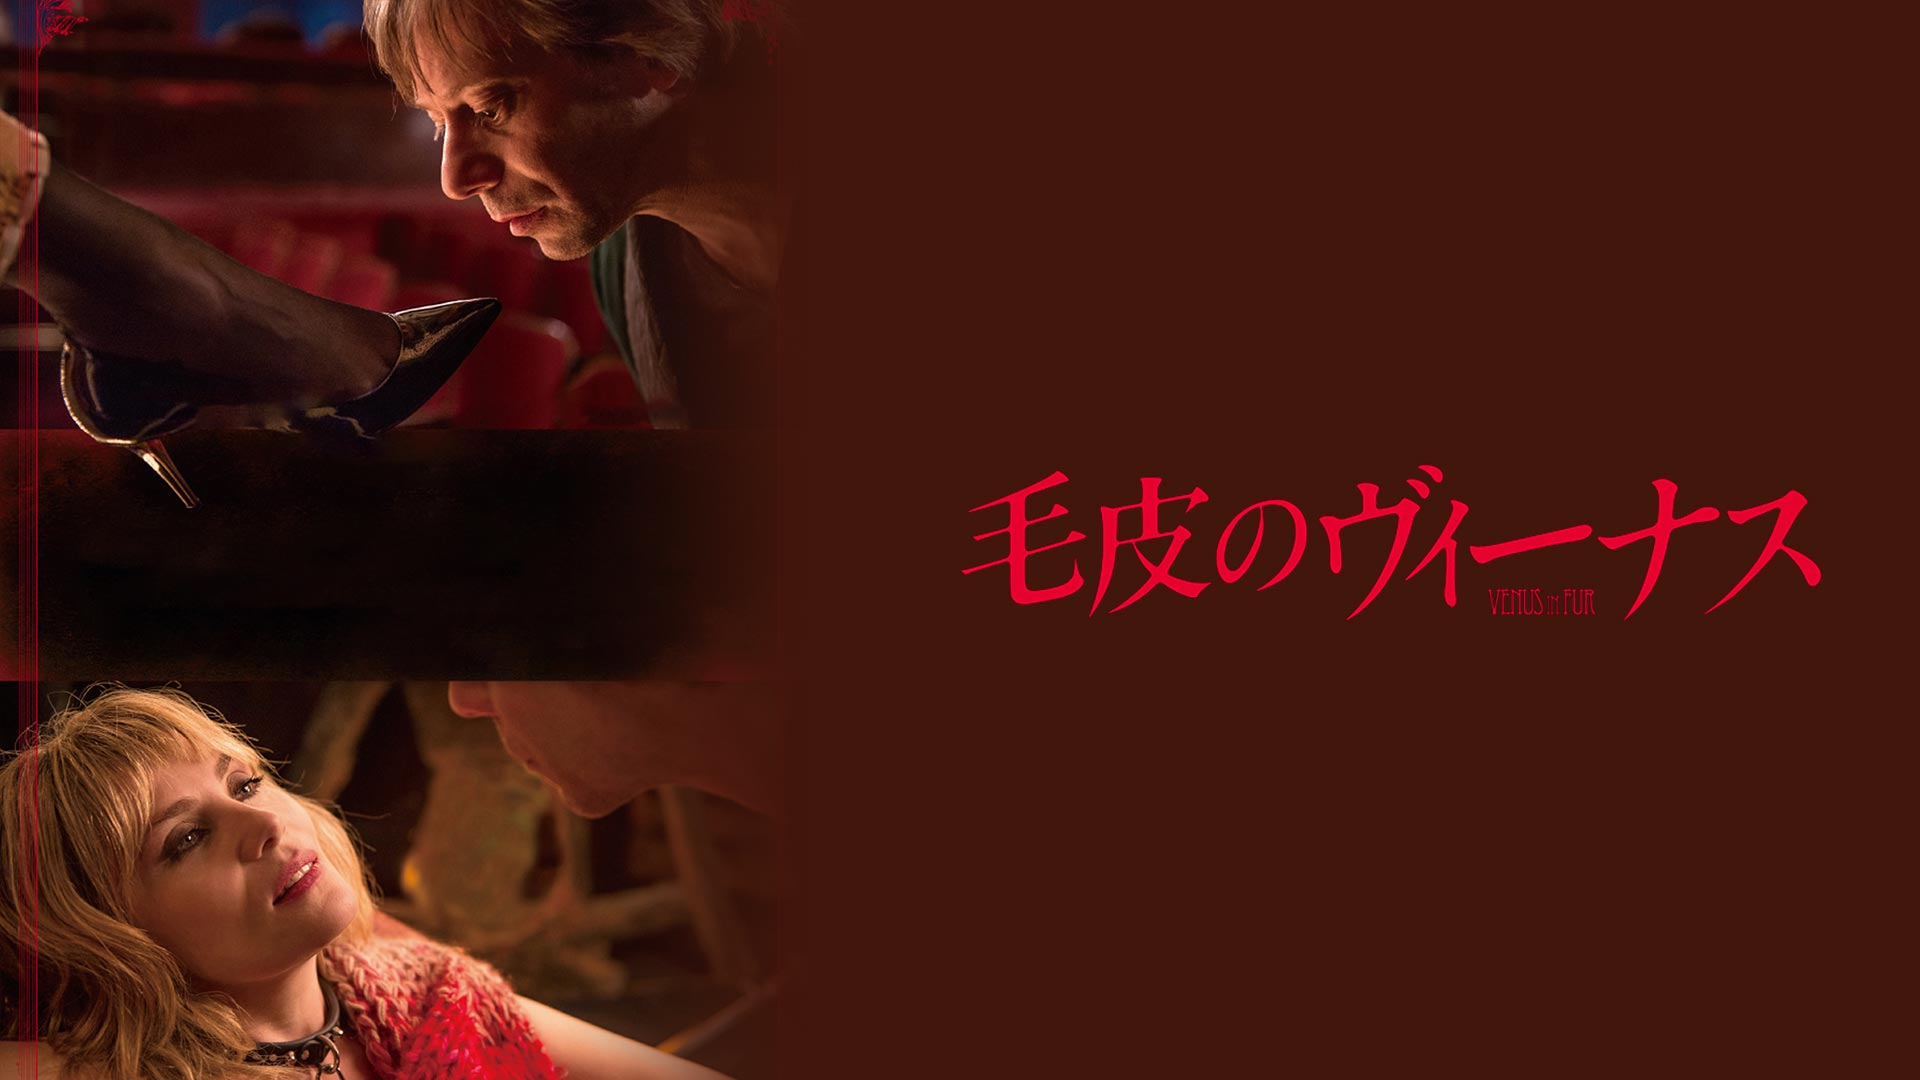 毛皮のヴィーナス(字幕版)